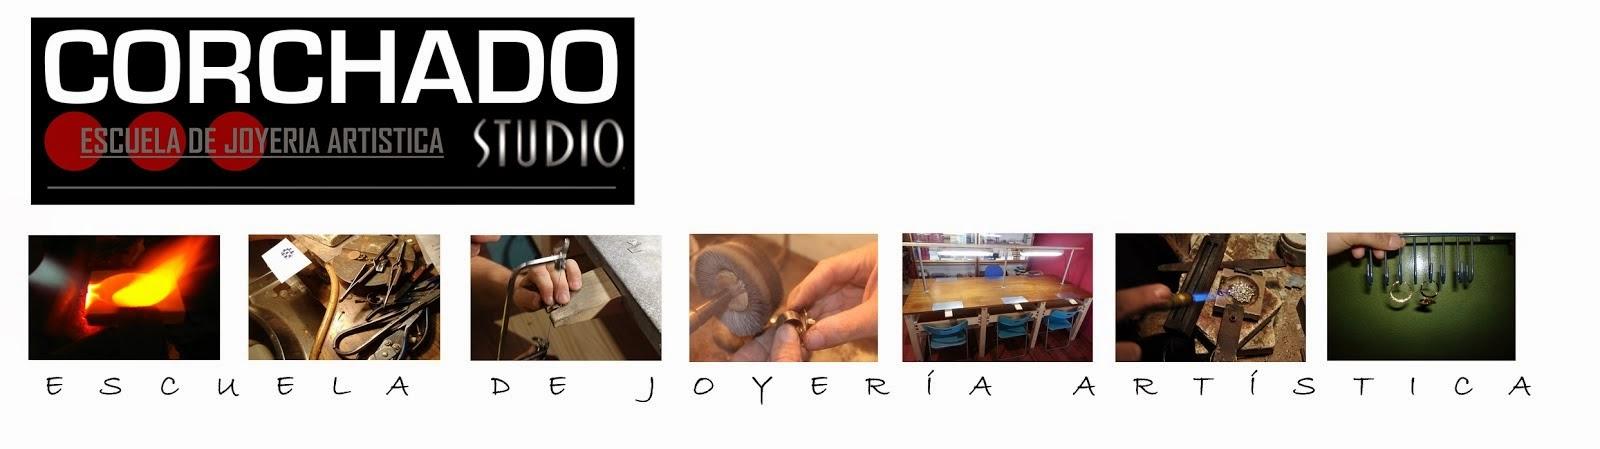 ESCUELA DE JOYERIA ARTISTICA CORCHADO